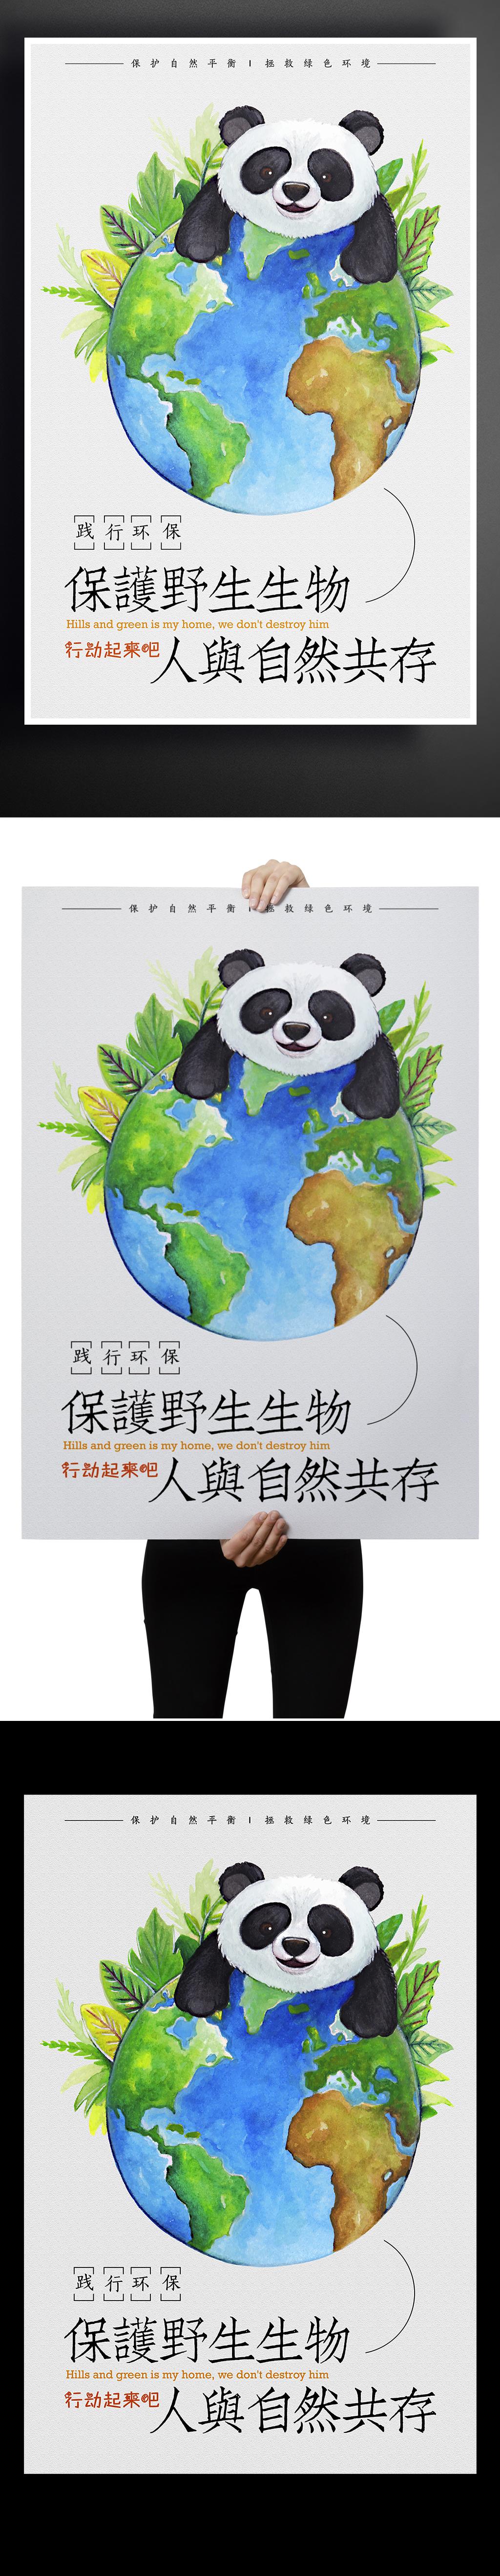 创意手绘大熊猫环保海报保护野生动物海报